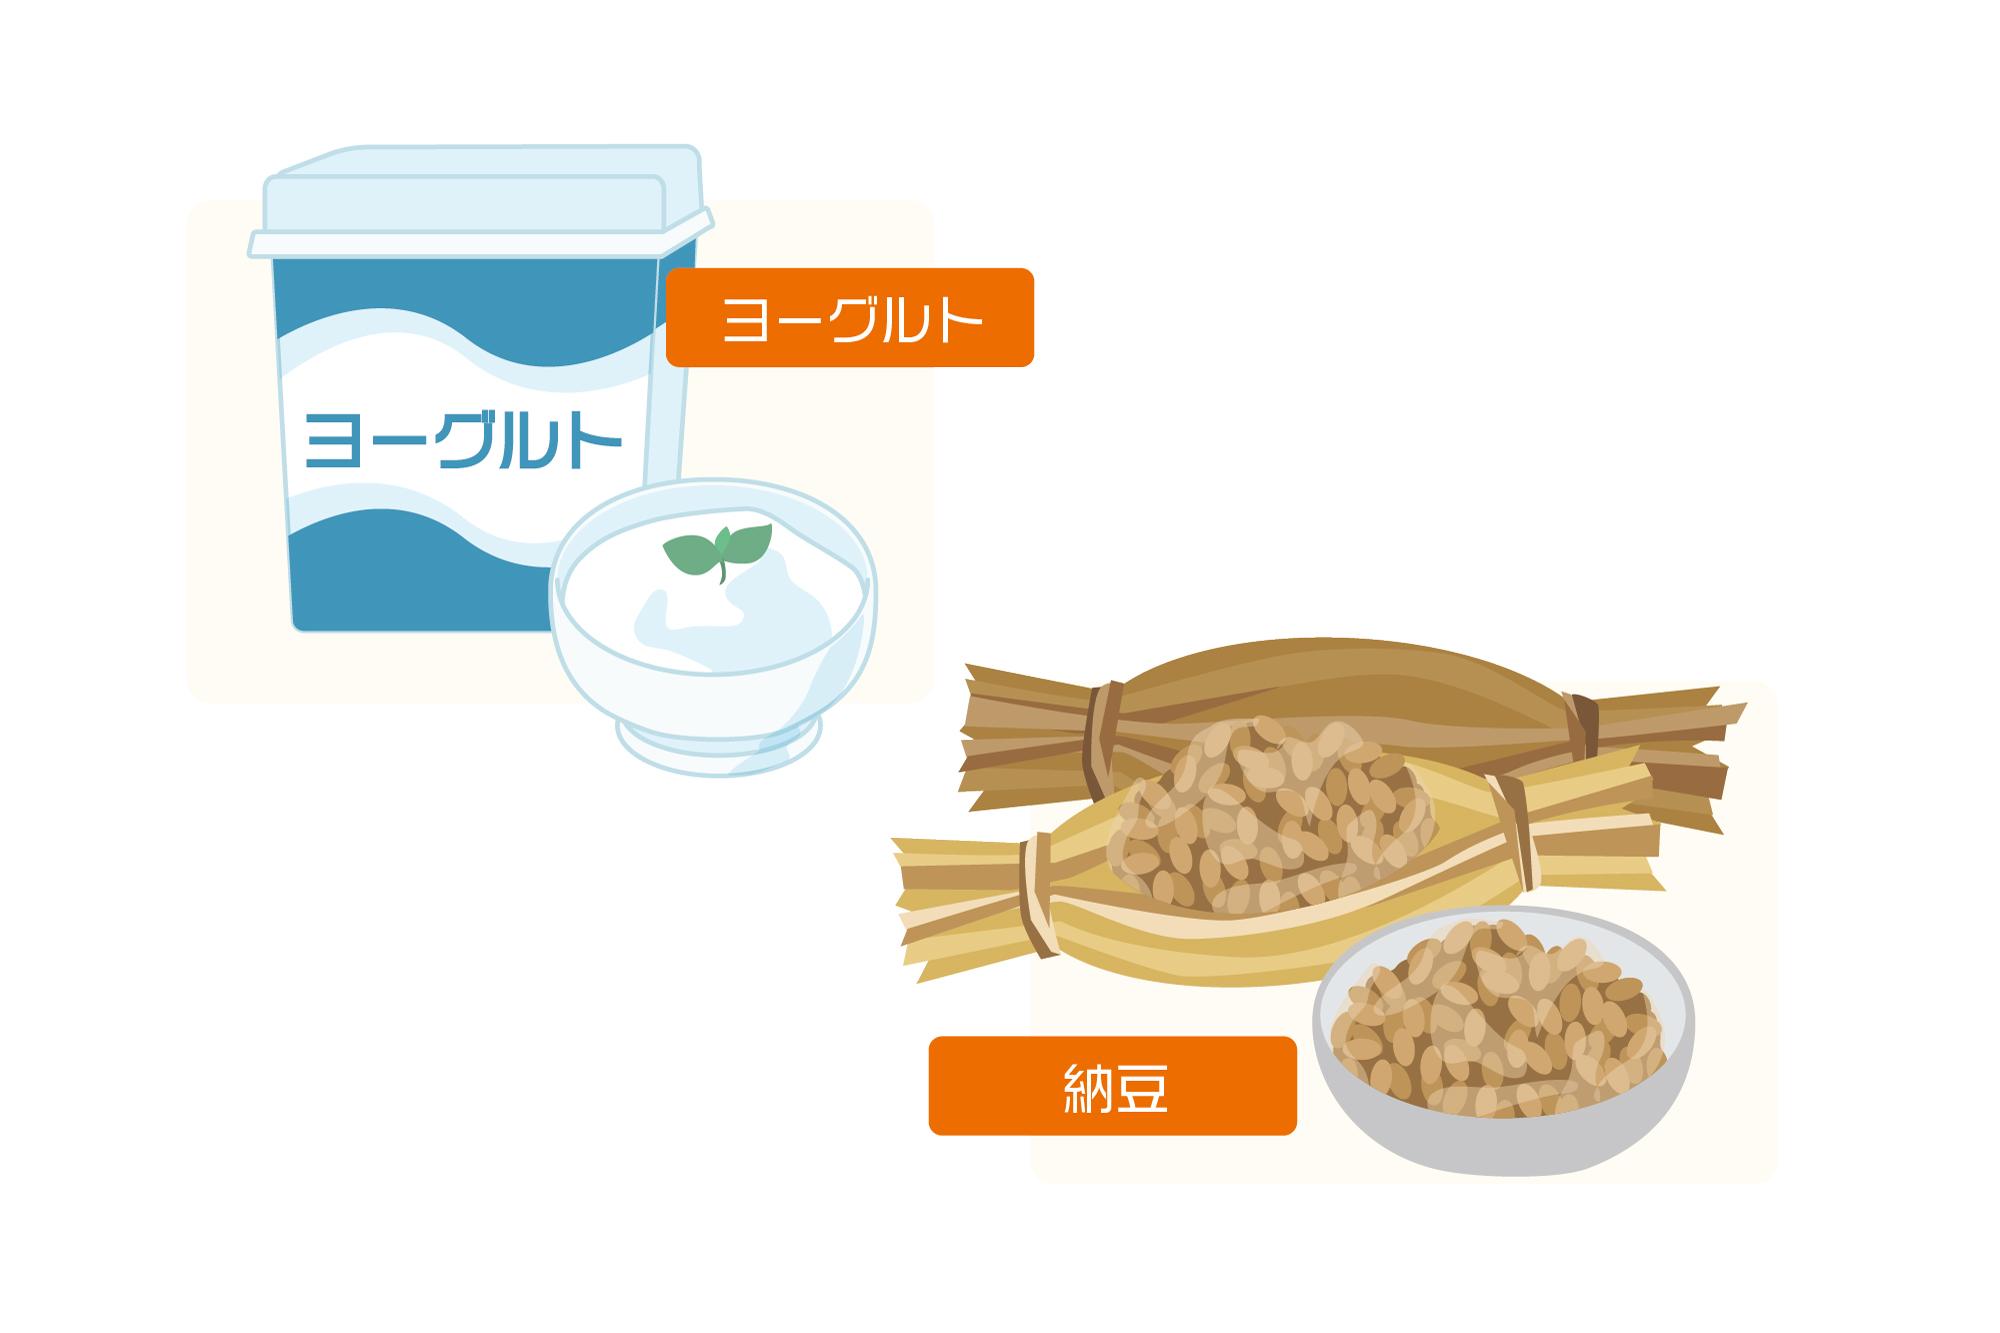 に 効く 食べ物 コロナ ウイルス